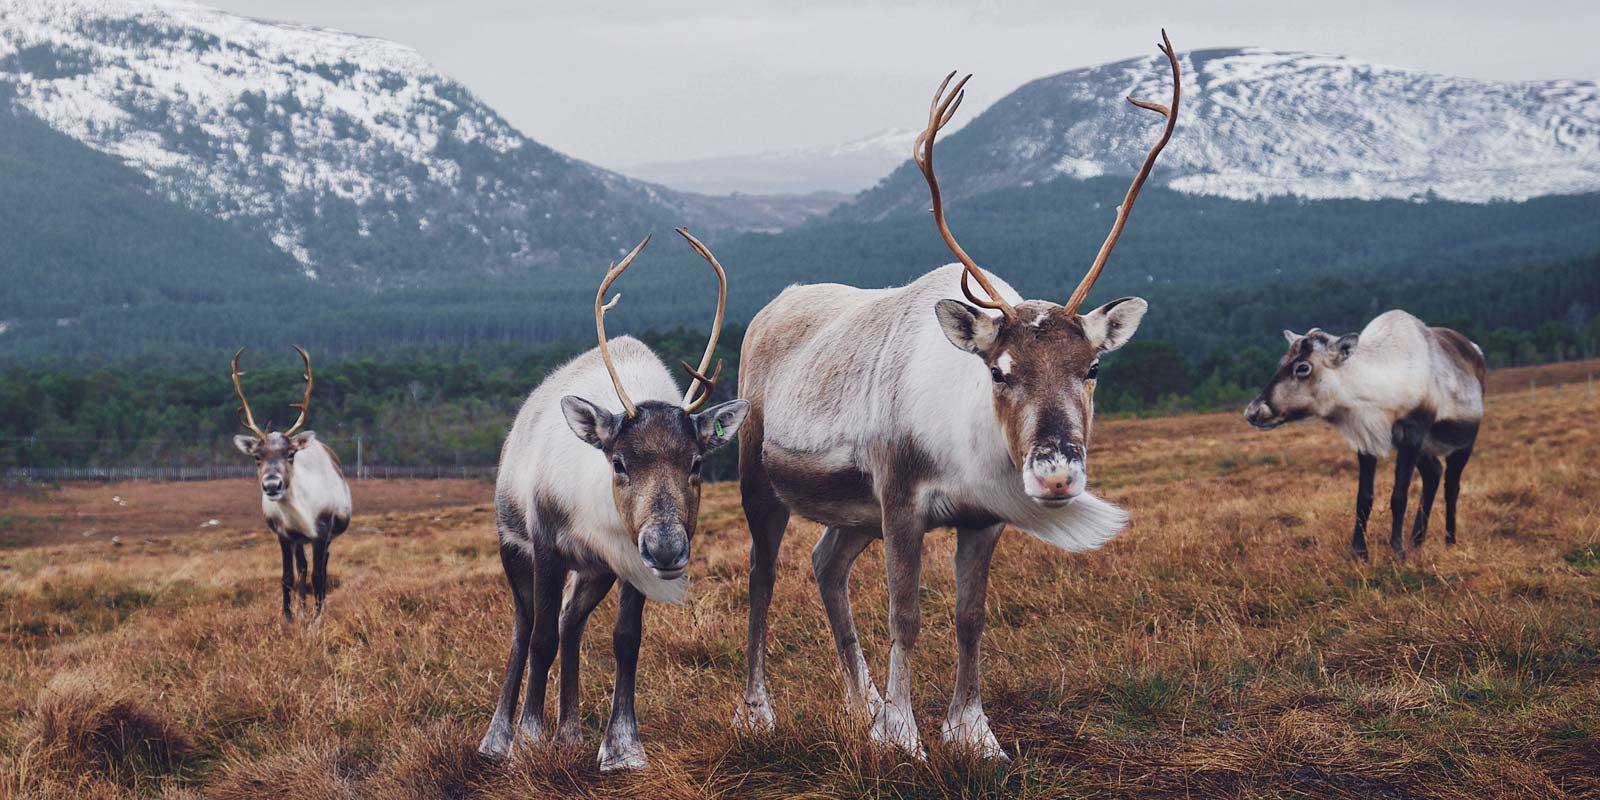 skarvruet hotel tänndalen funäsdalen funäsjällen härjedalen jämtland reindeer wildlife